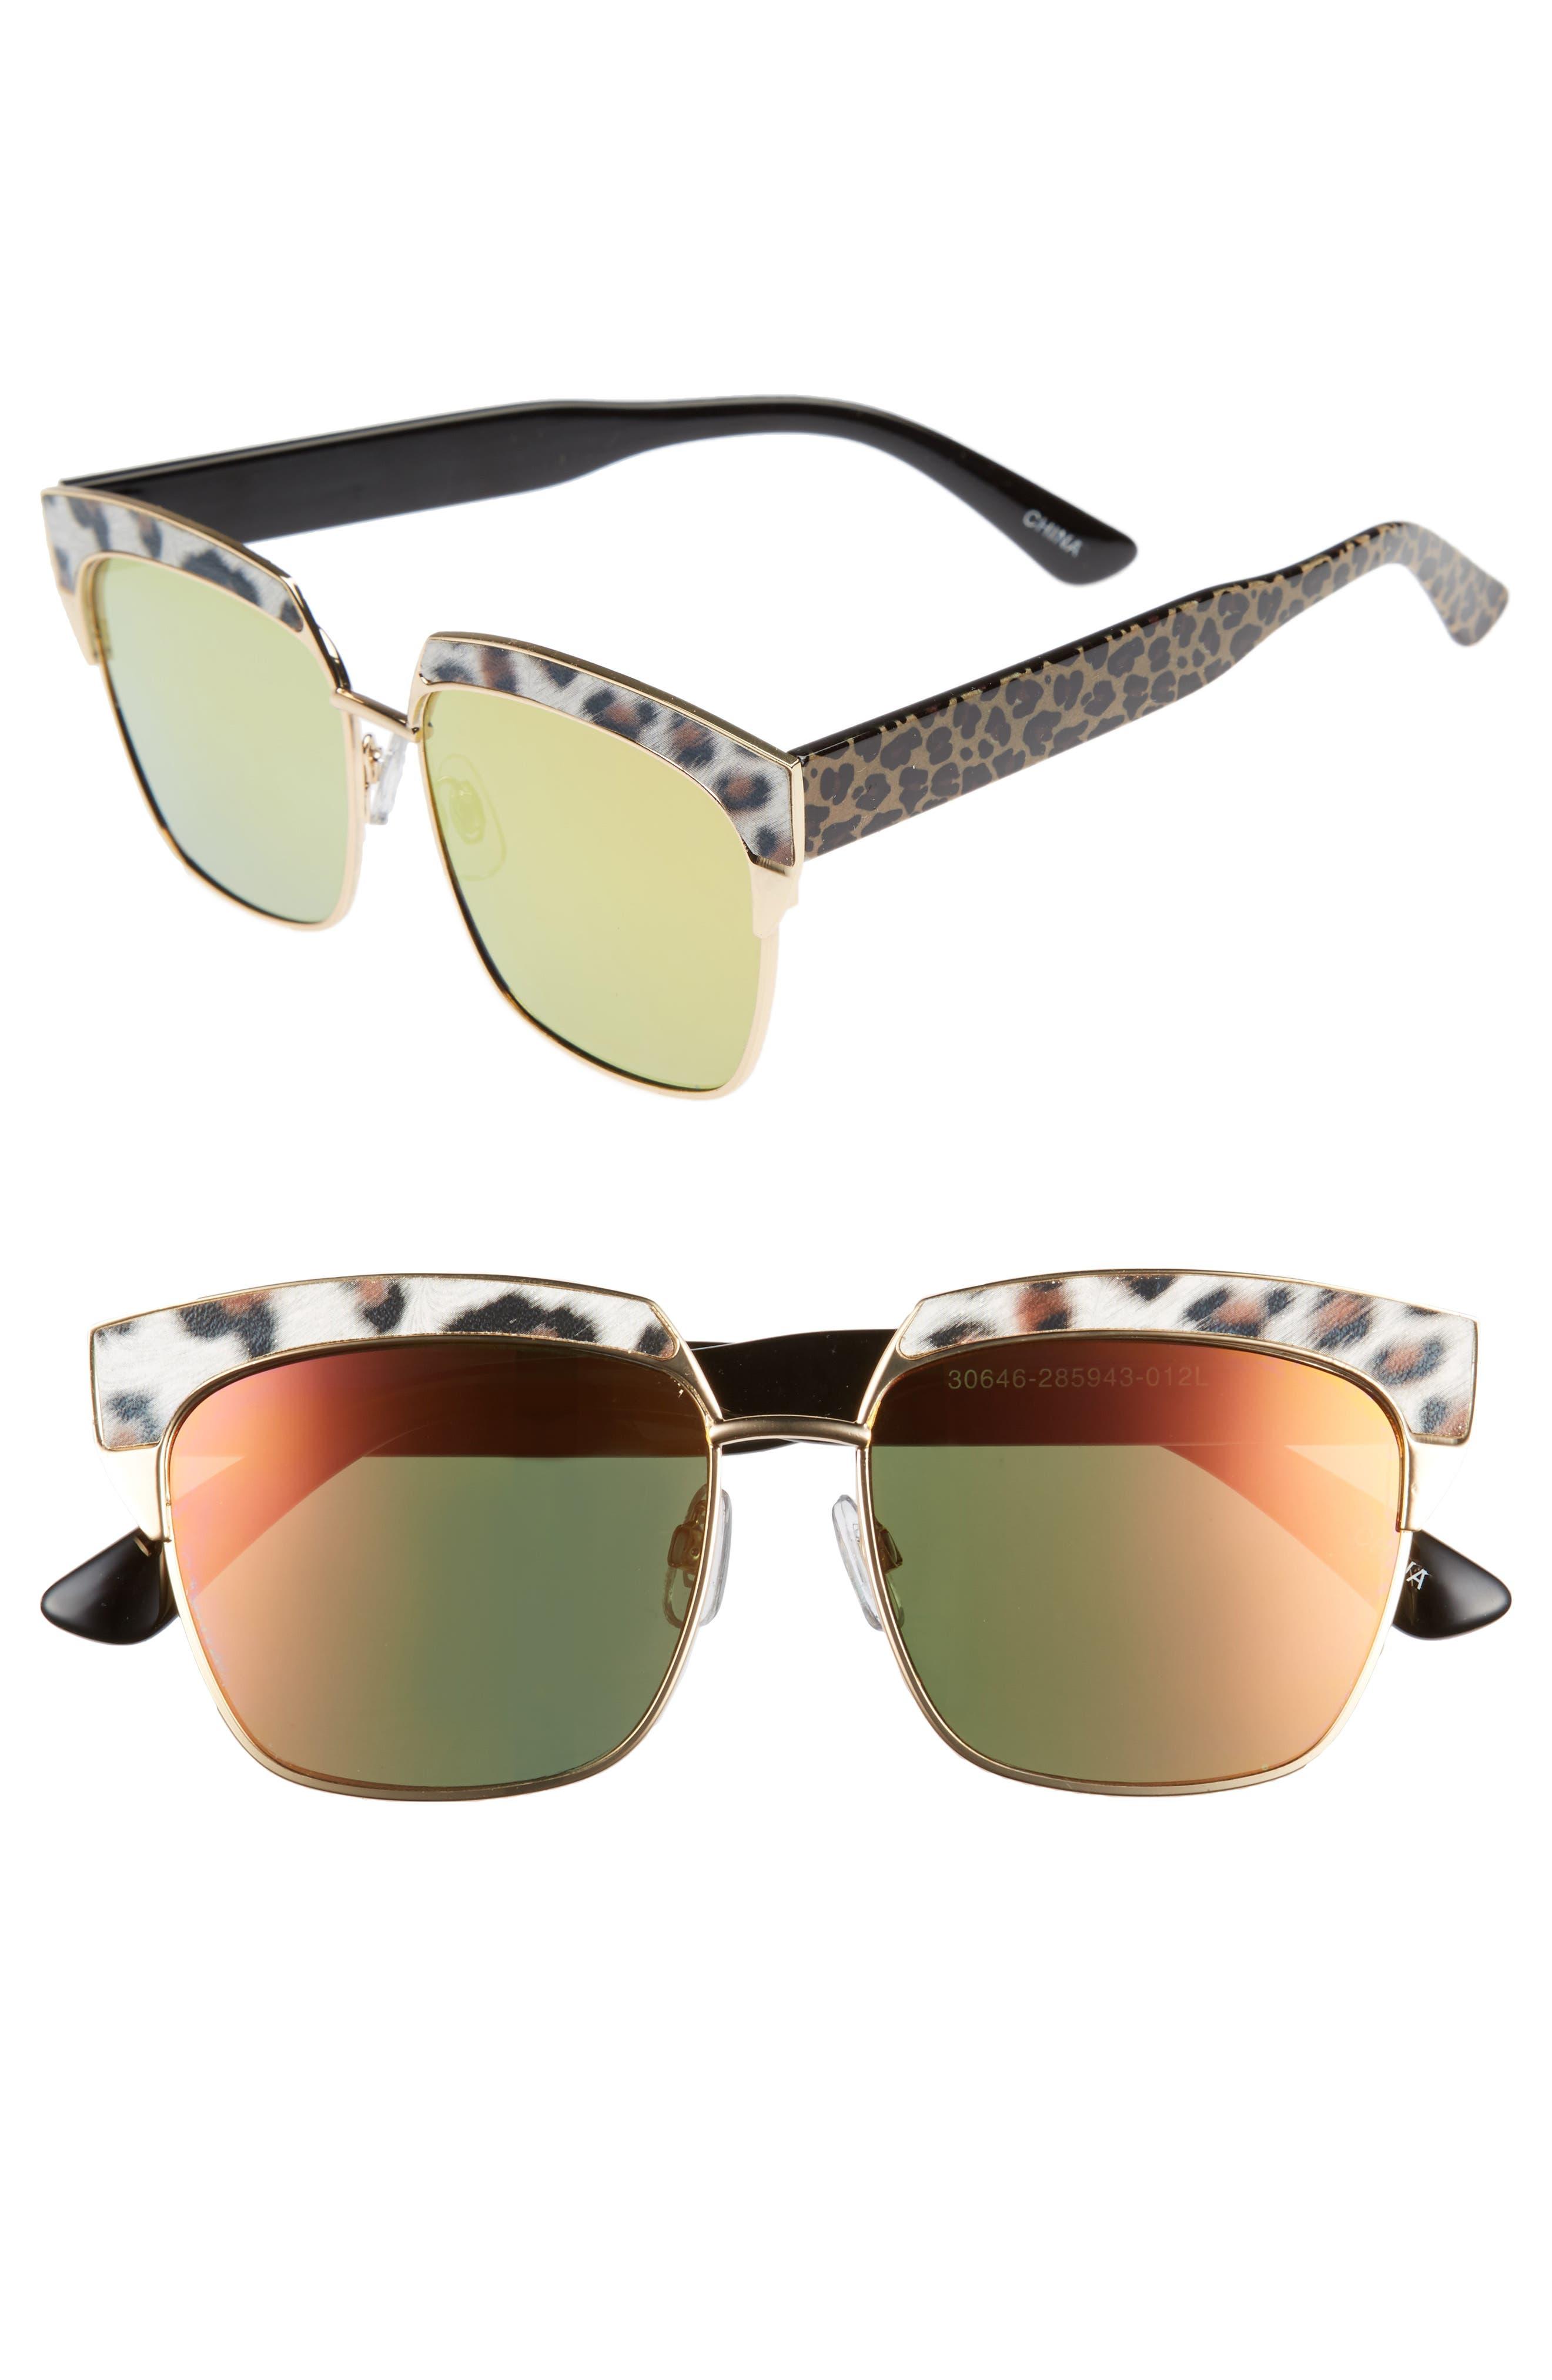 Leopard Print Top Bar Sunglasses,                         Main,                         color, 710